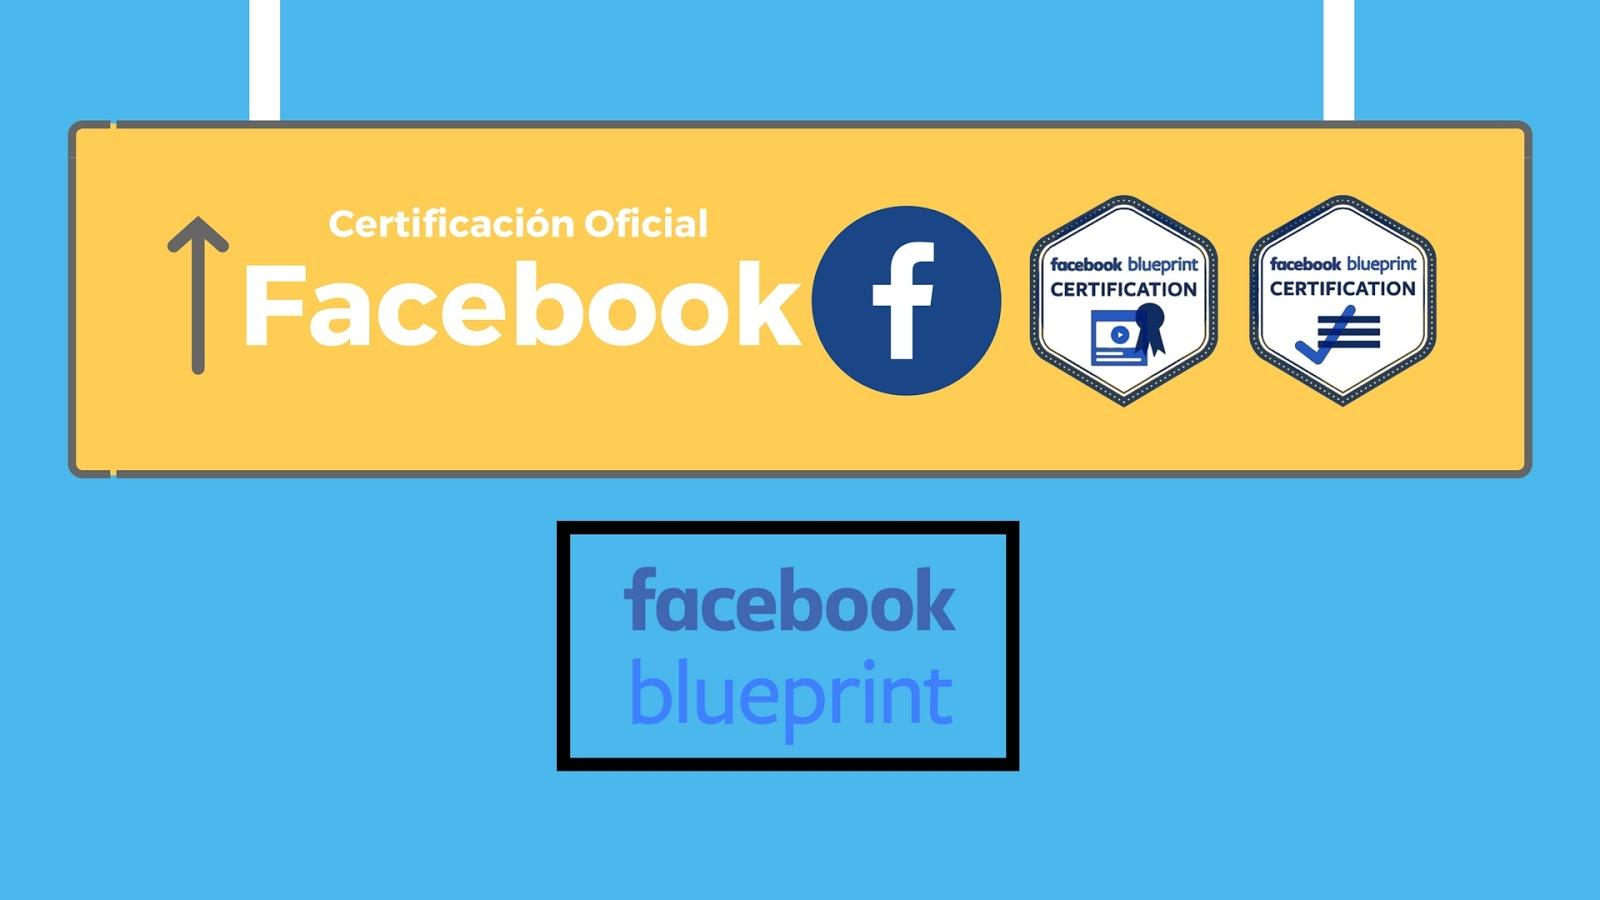 Seo sem y google analytics cmo conseguir una certificacin certificacion facebook malvernweather Choice Image